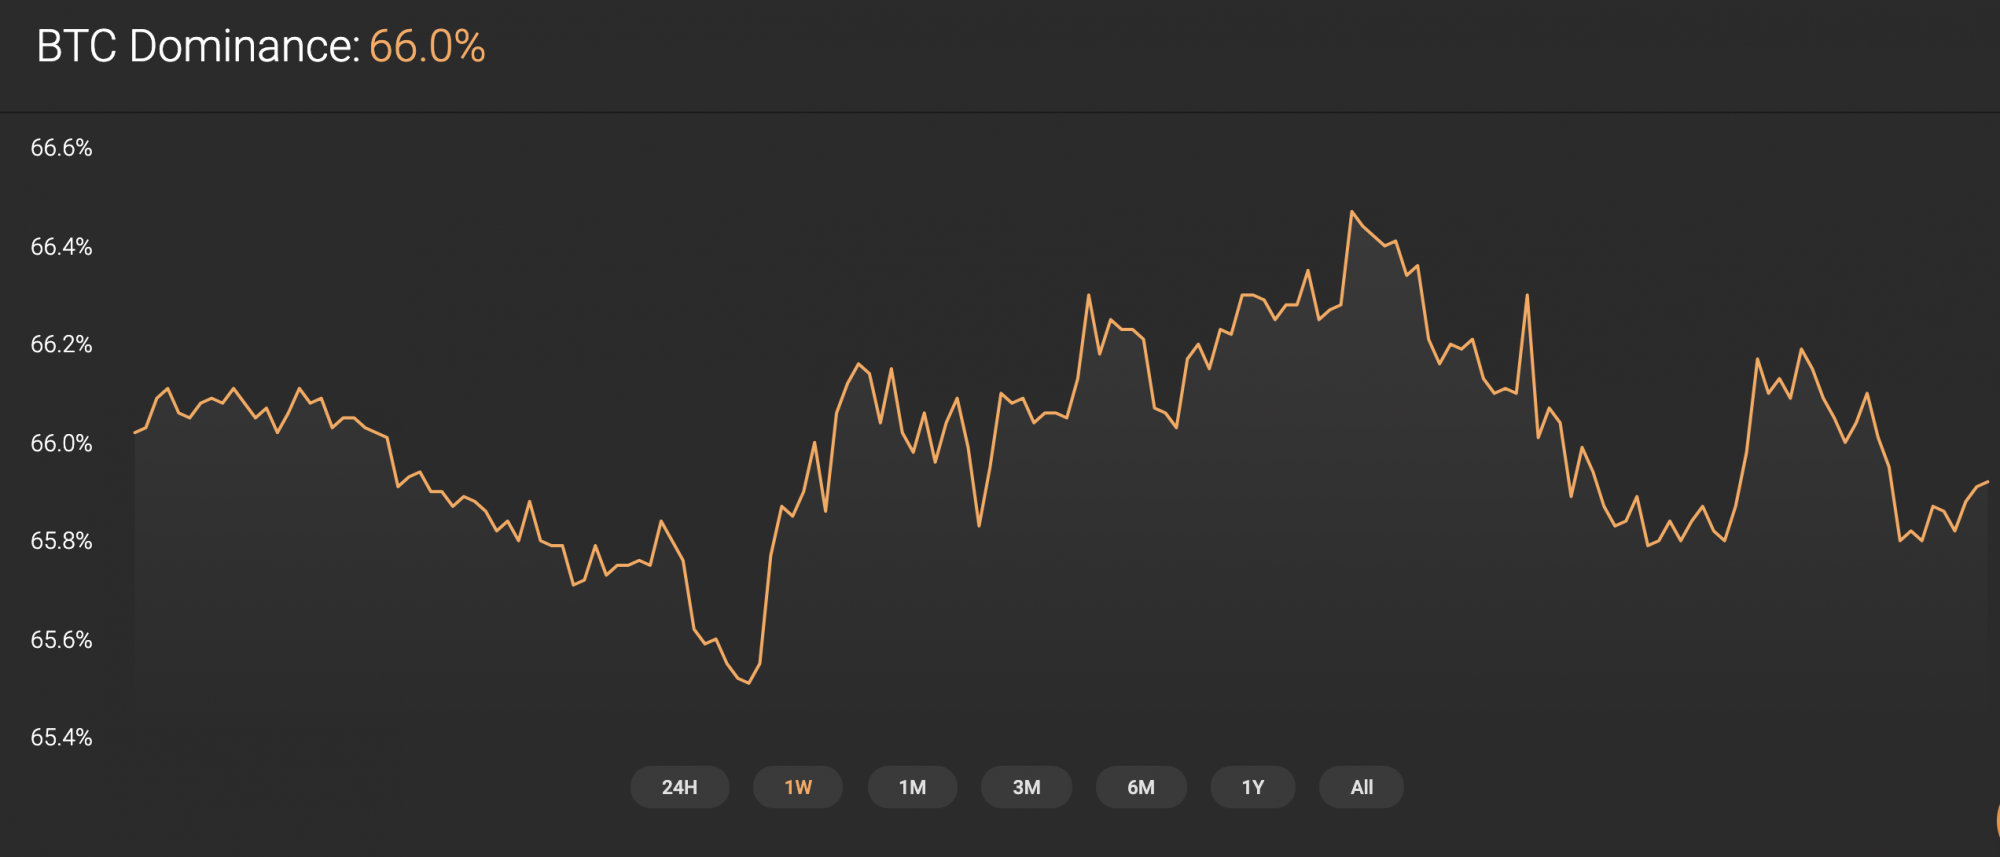 Bitcoin dominance rate